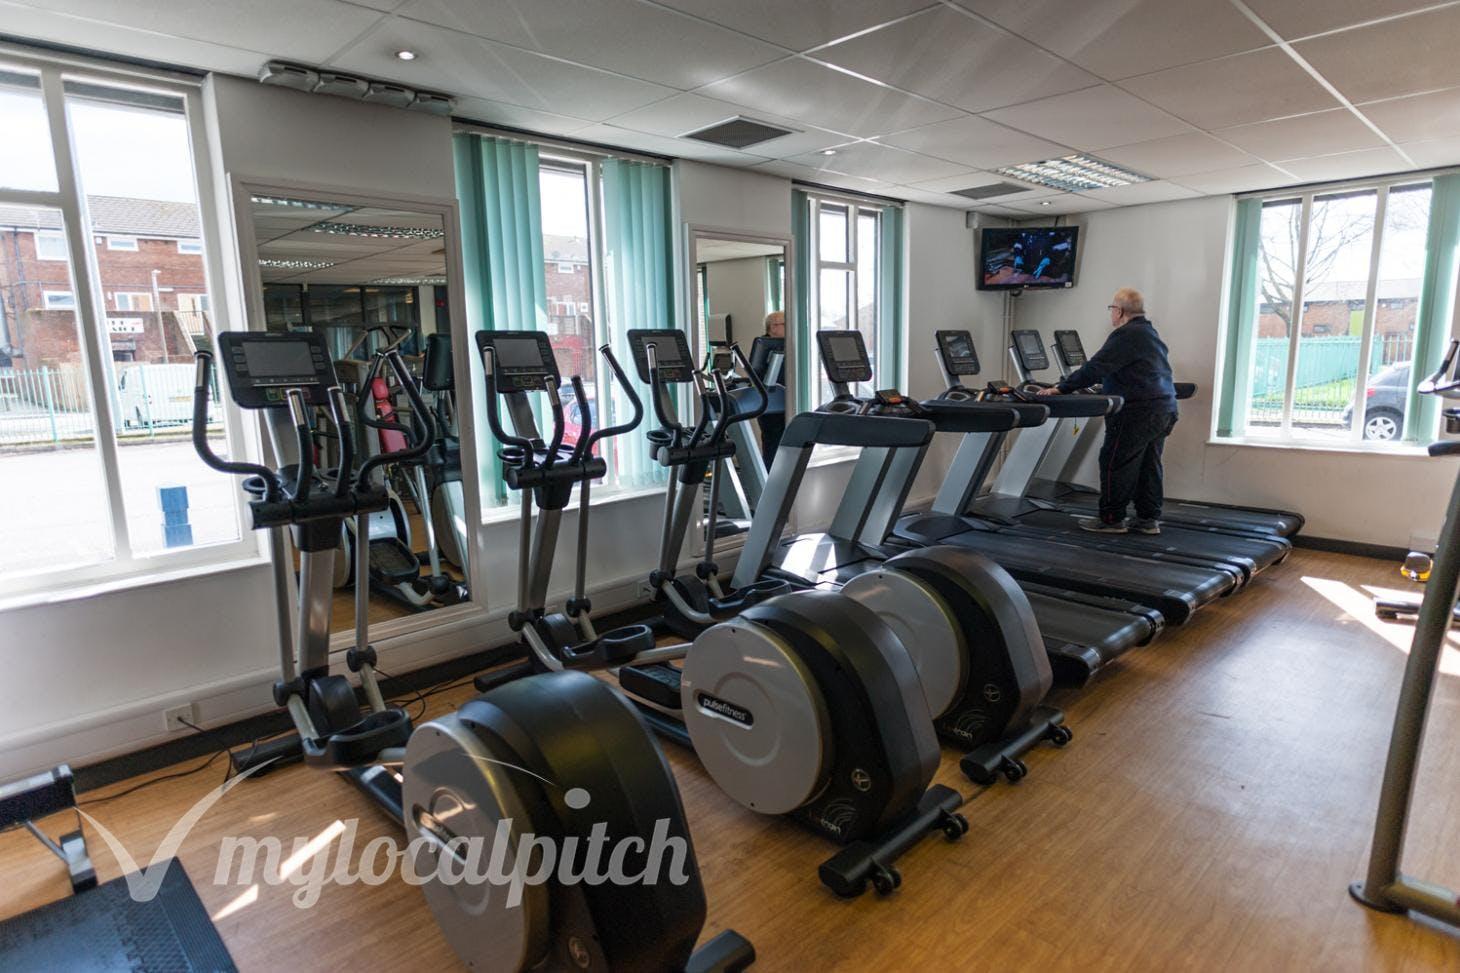 Clarendon Leisure Centre Gym gym